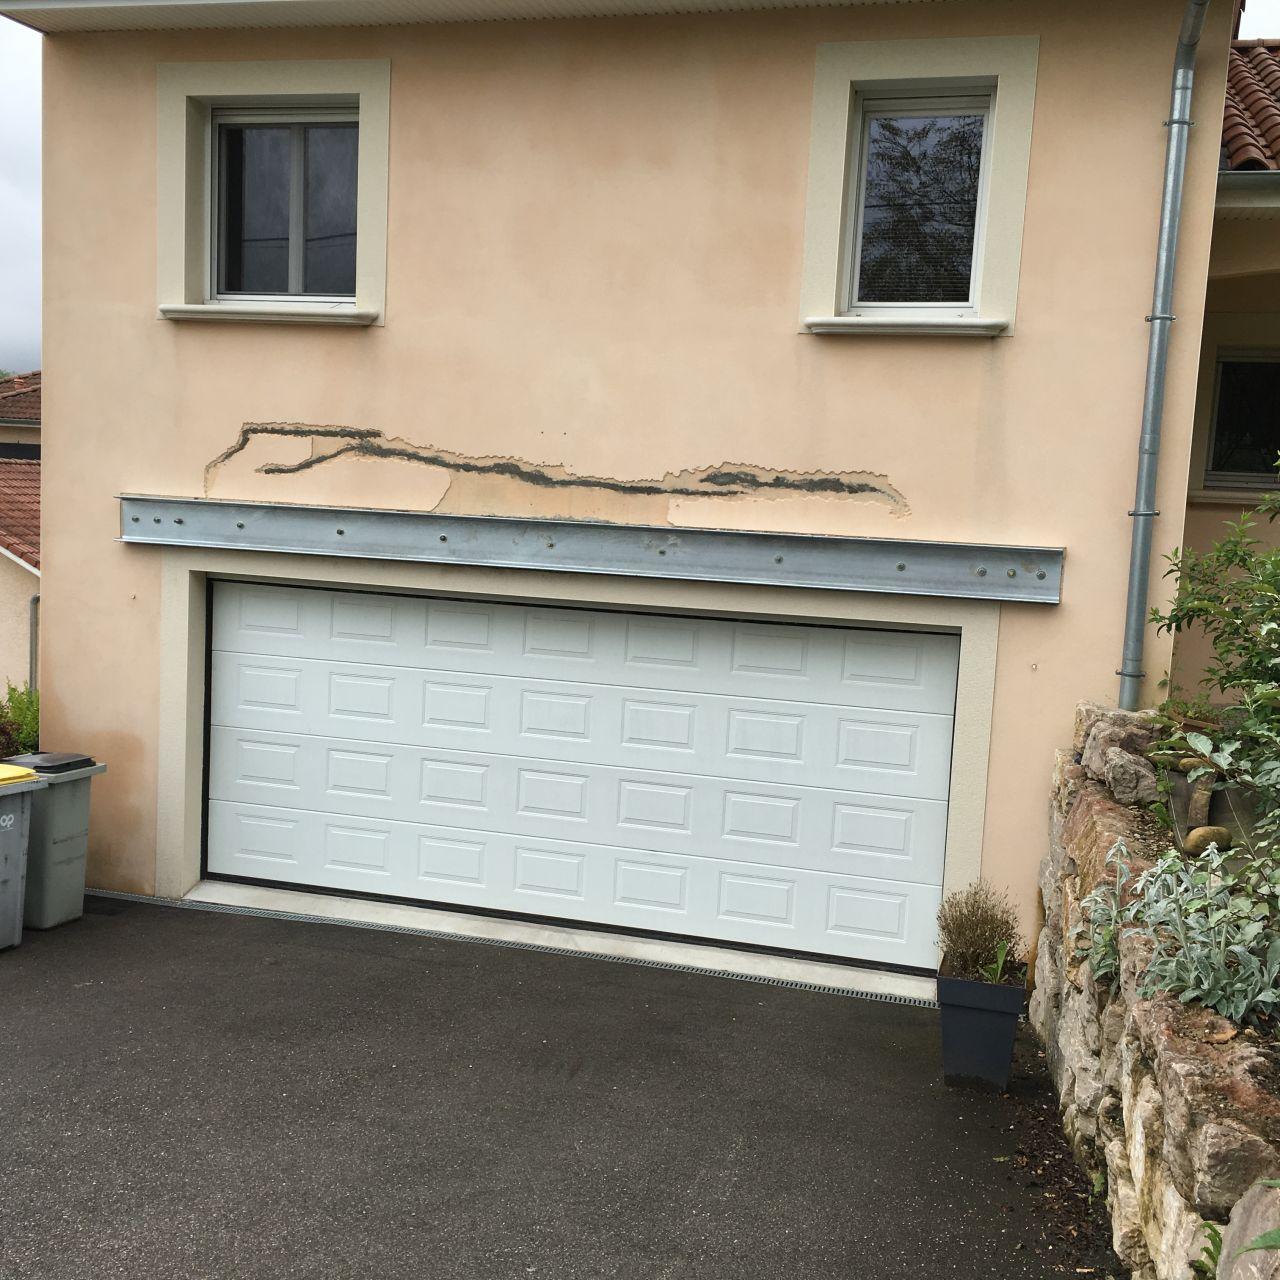 Fissure facade maison neuve id es d coration id es d coration - Micro fissure maison neuve ...